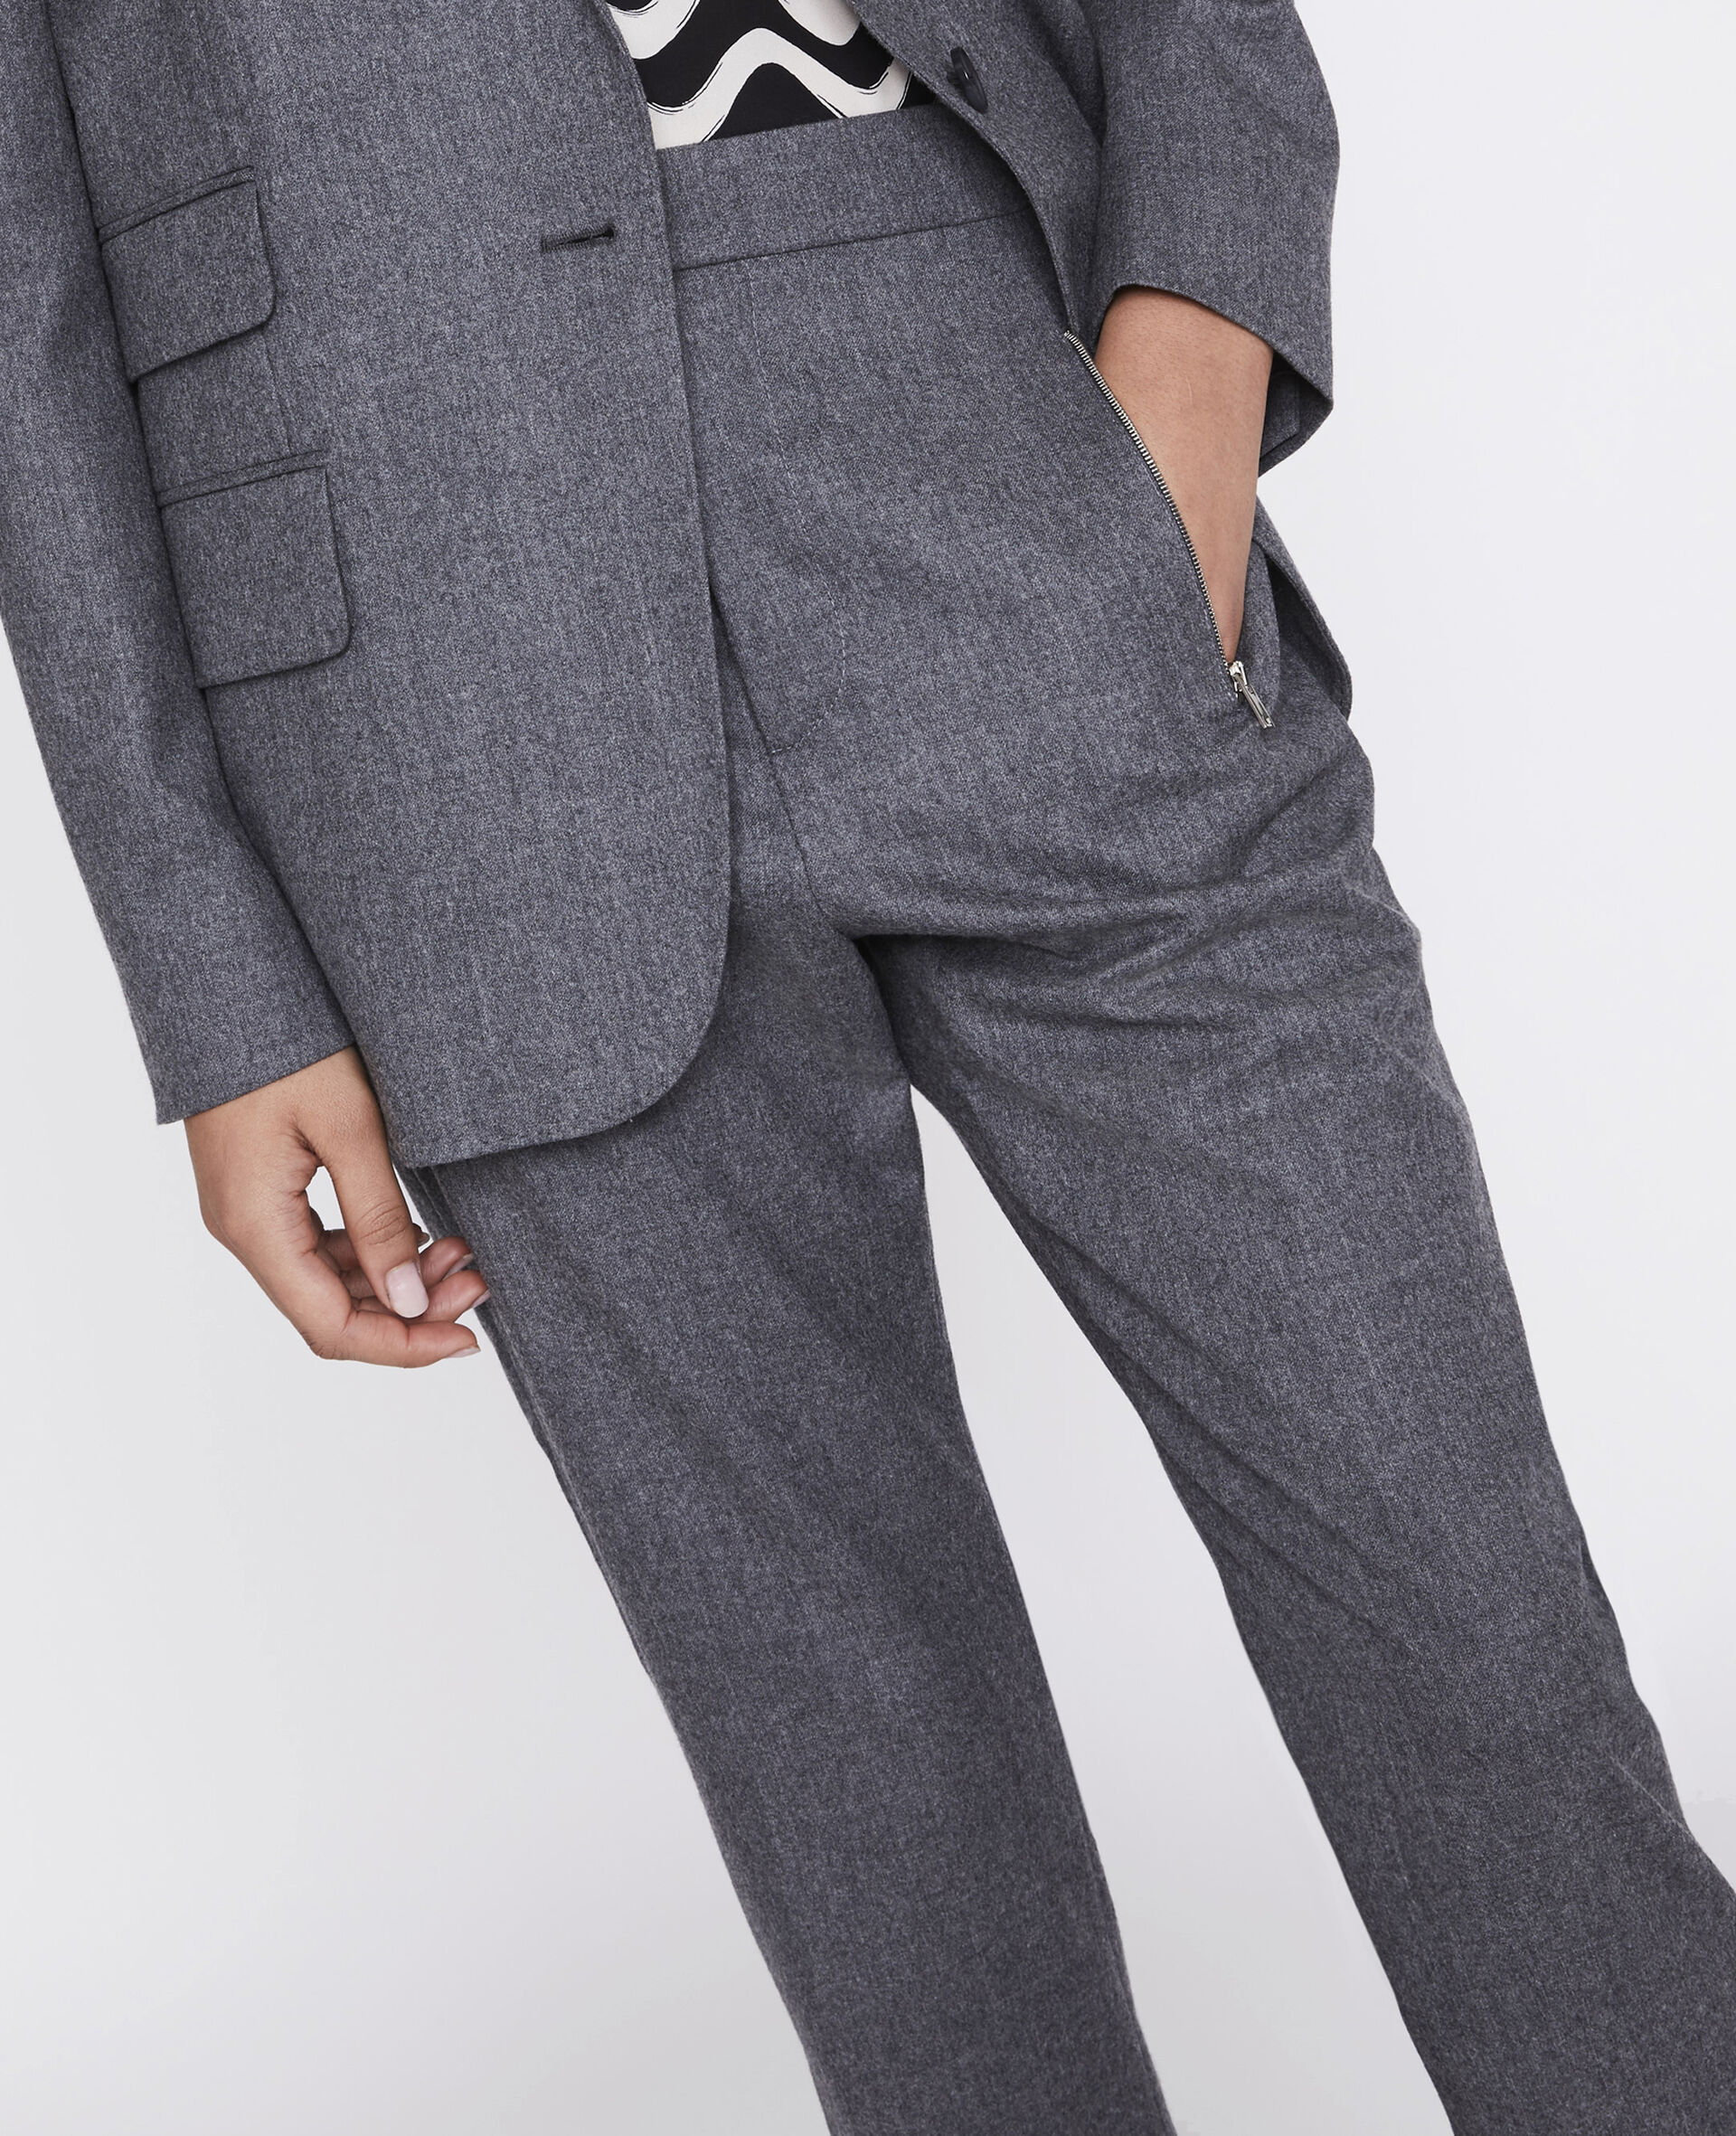 Pantalon Claire ajusté-Gris-large image number 3